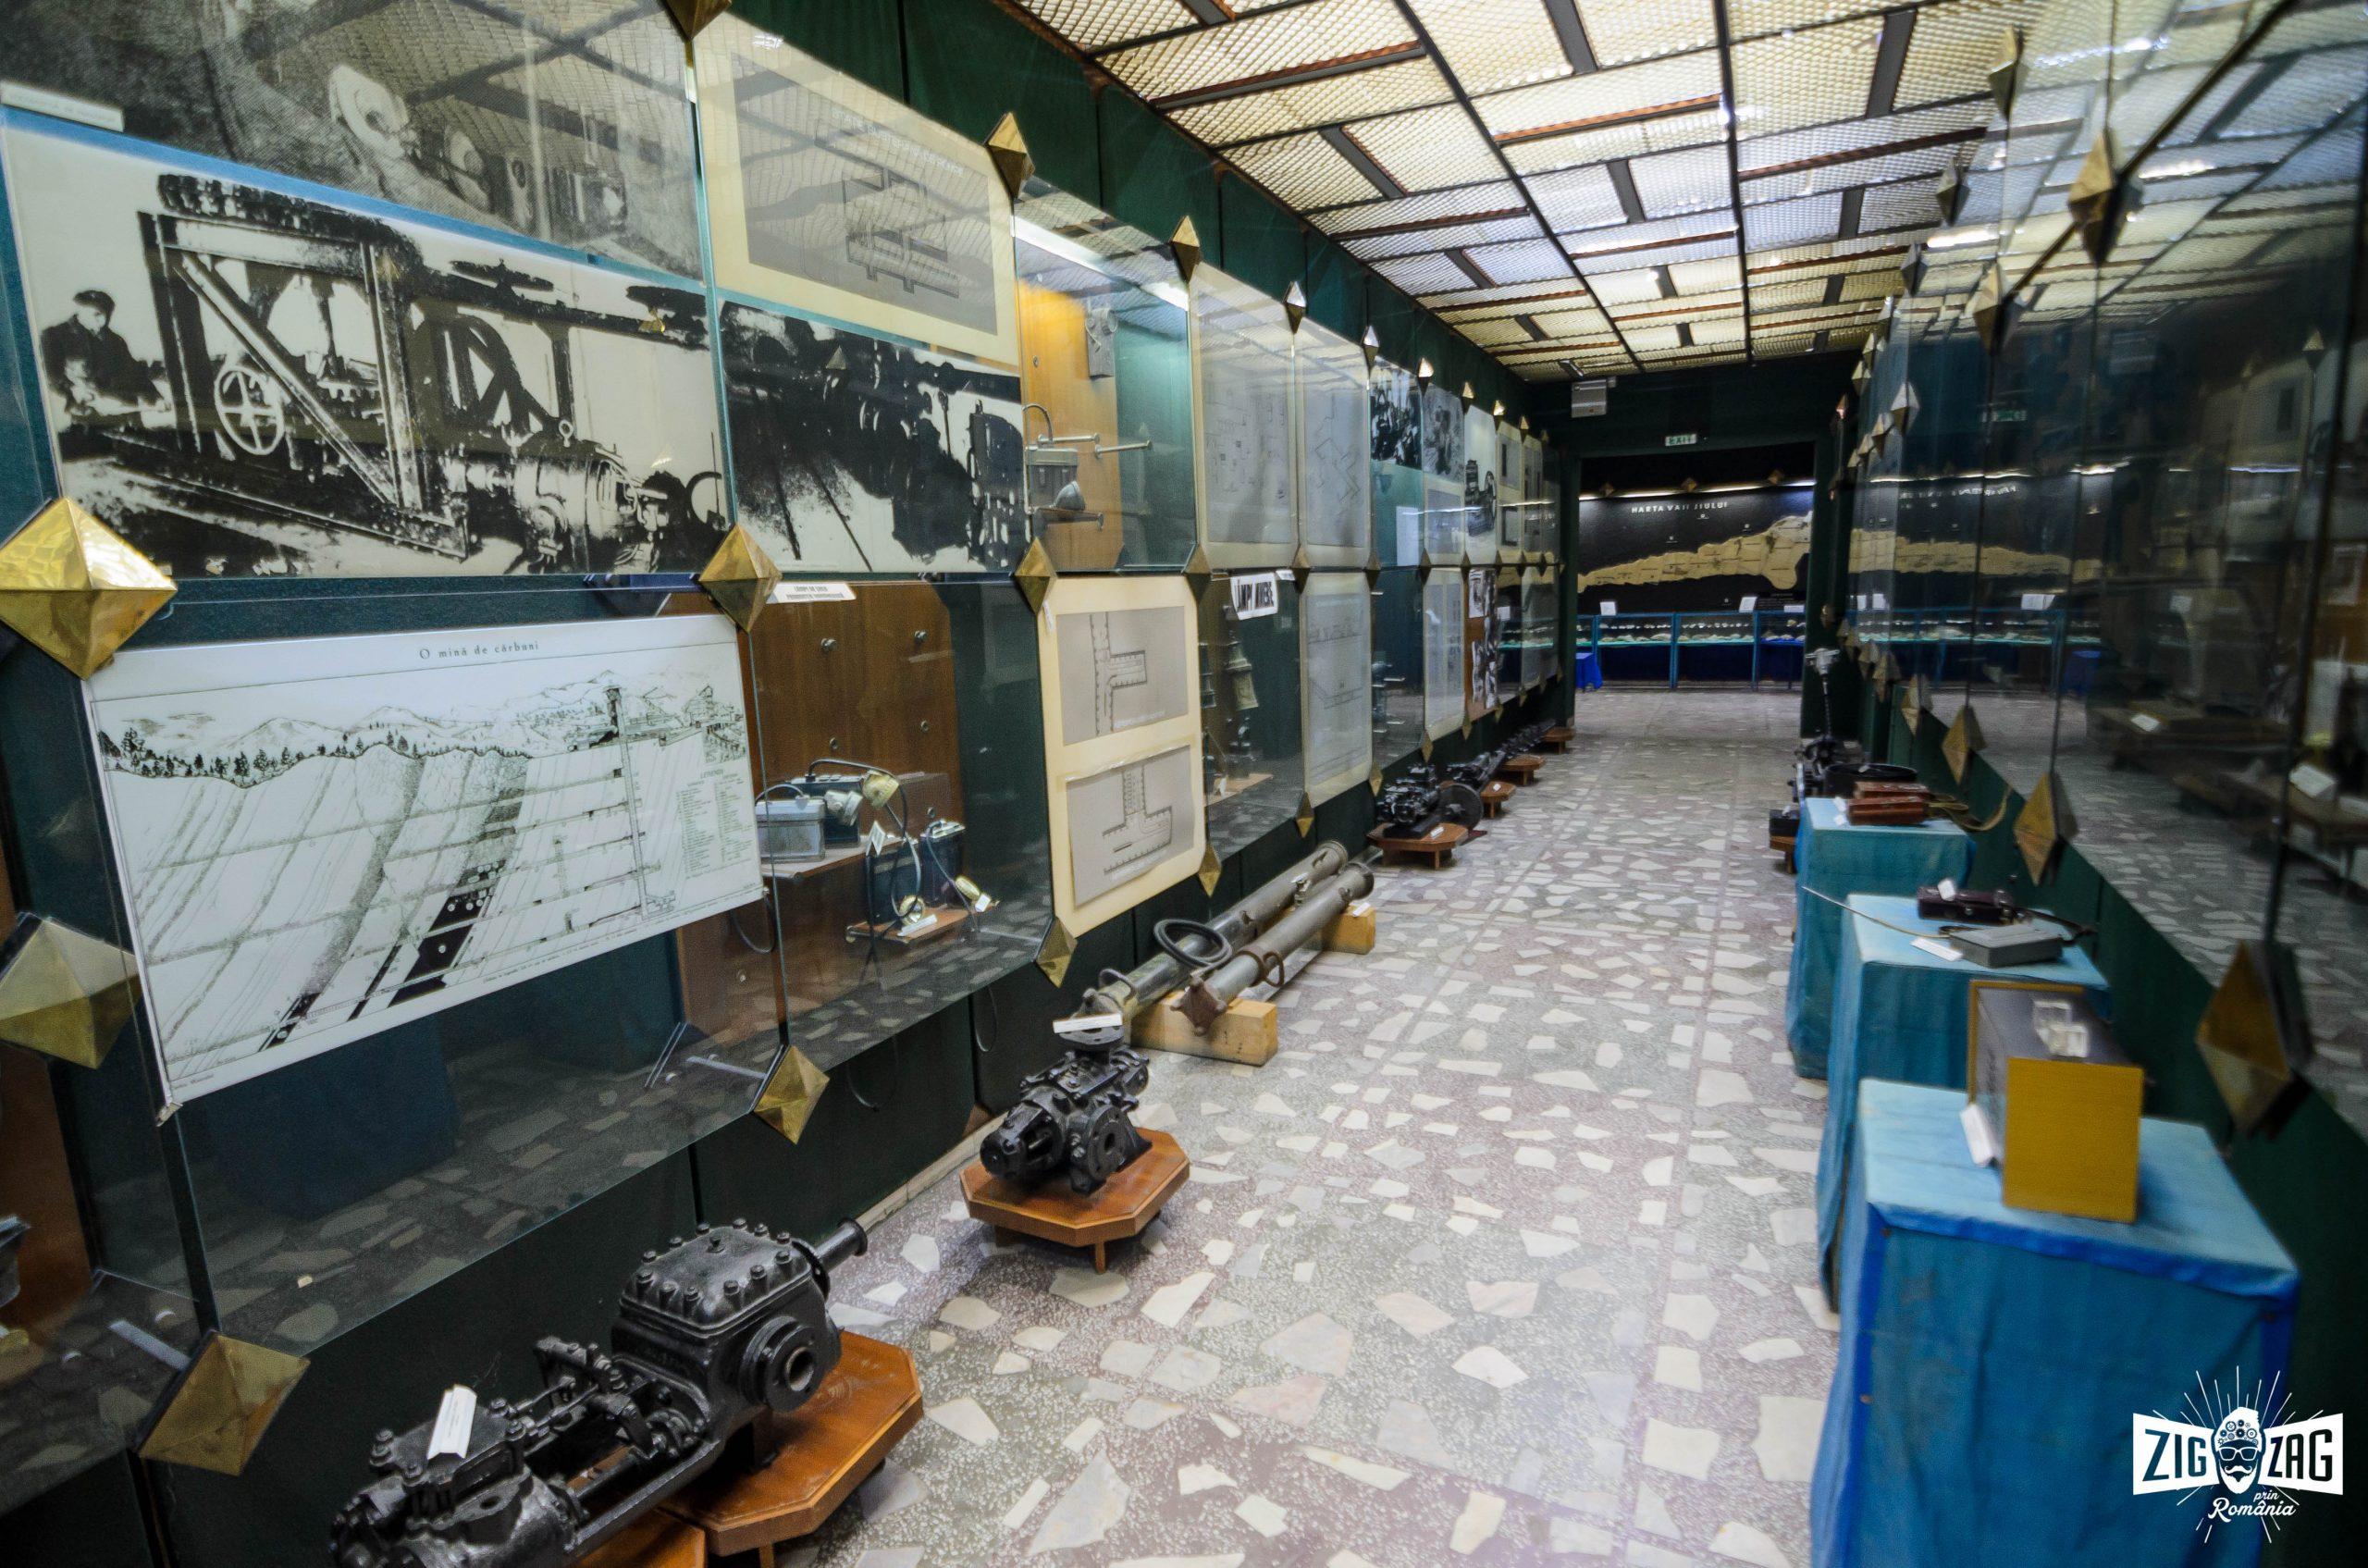 Muzeul Mineritului judetul Hunedoara 3